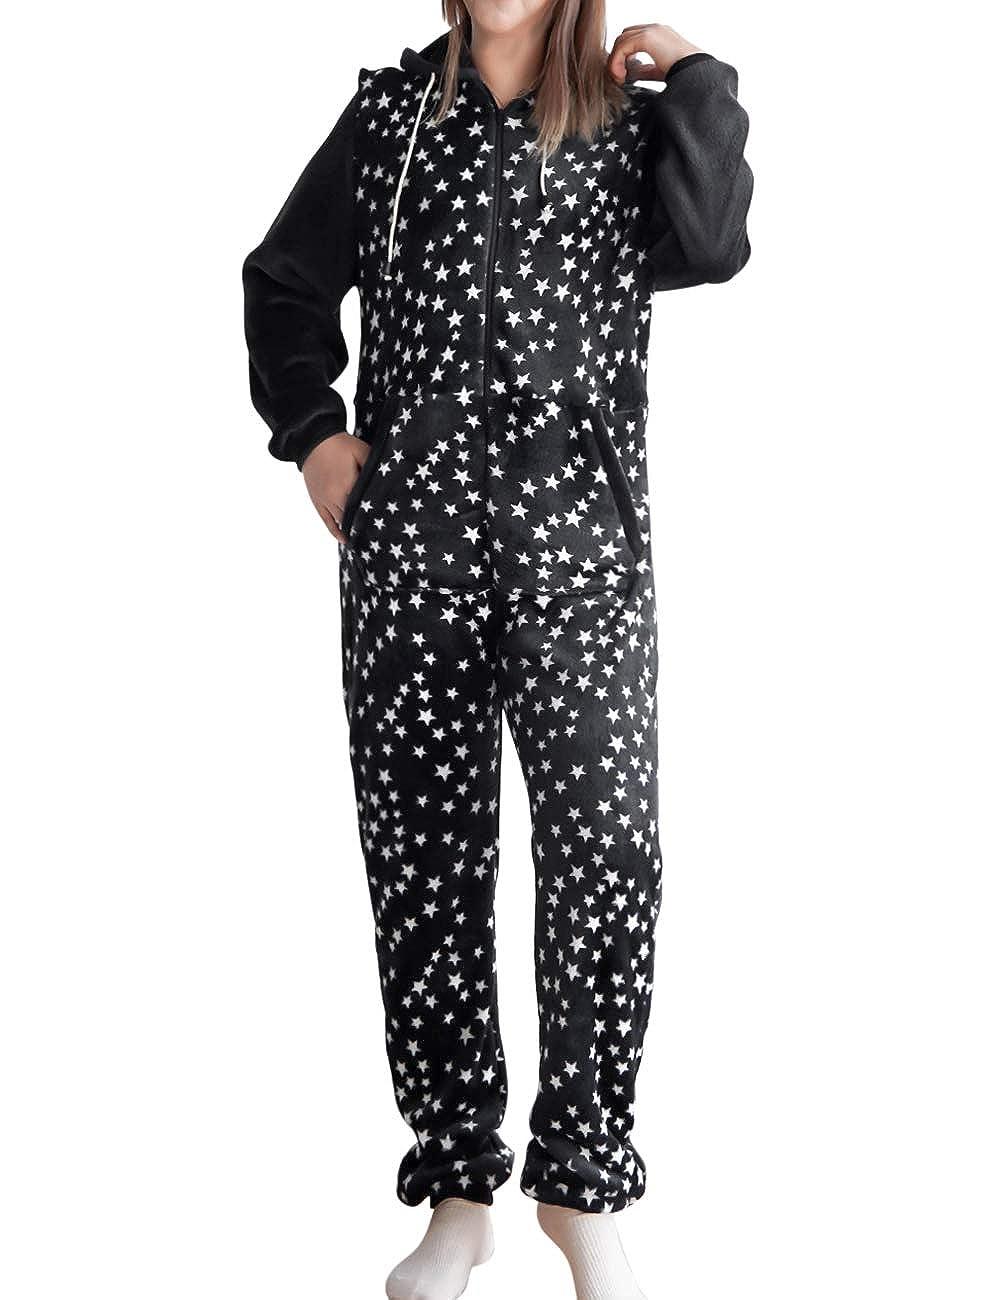 TALLA XL. besbomig Mono Pijama de Mujer Adulto Cálido Homewear Ropa de Dormir con Capucha - Invierno Suave Jumpsuits Trajes de Dormir Navidad, Negro